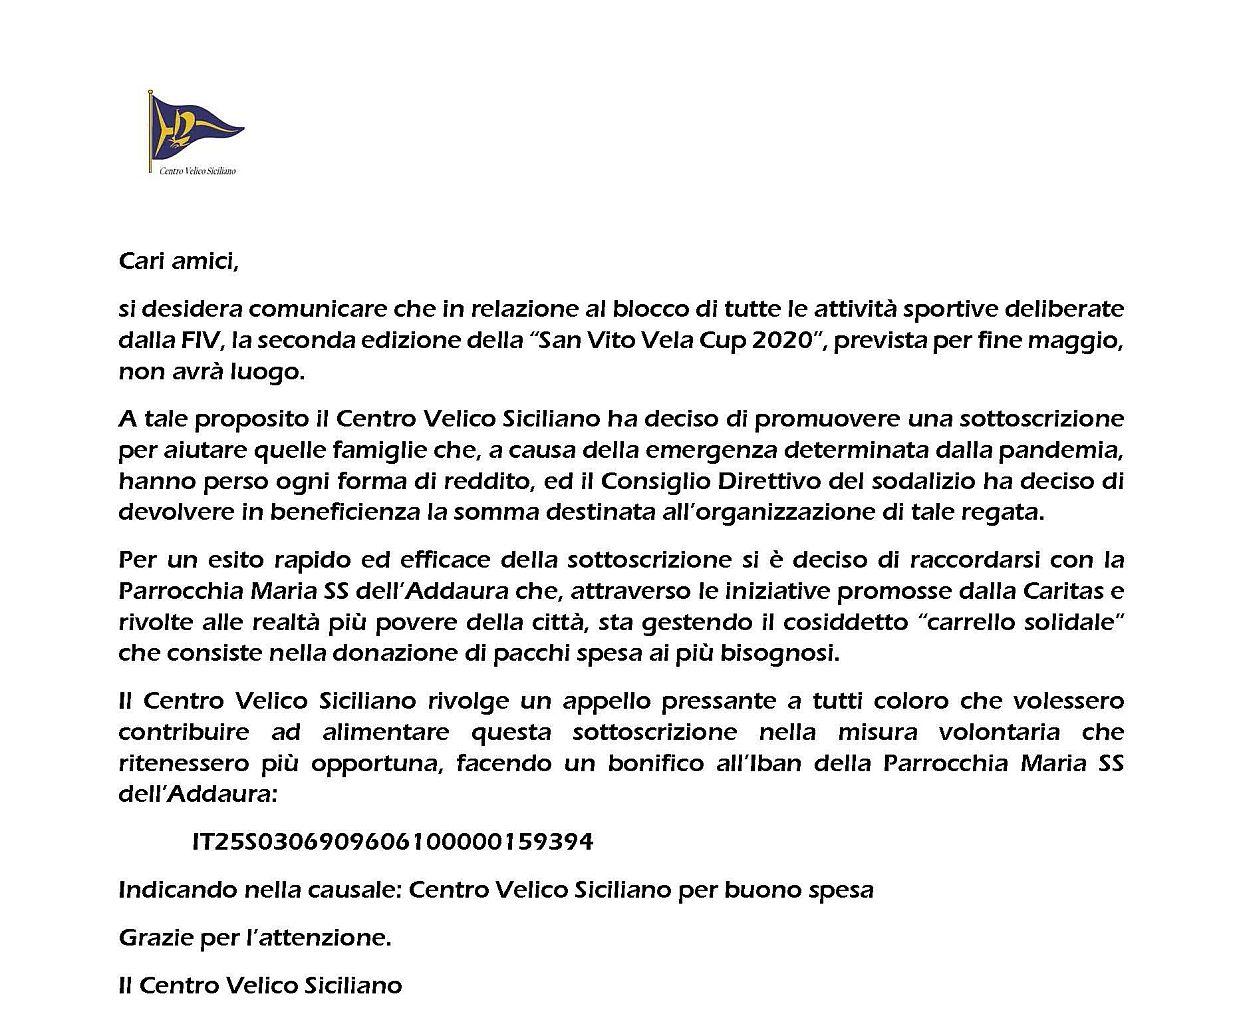 Annullamento San Vito Vela Cup 2020 e iniziativa di solidarietà